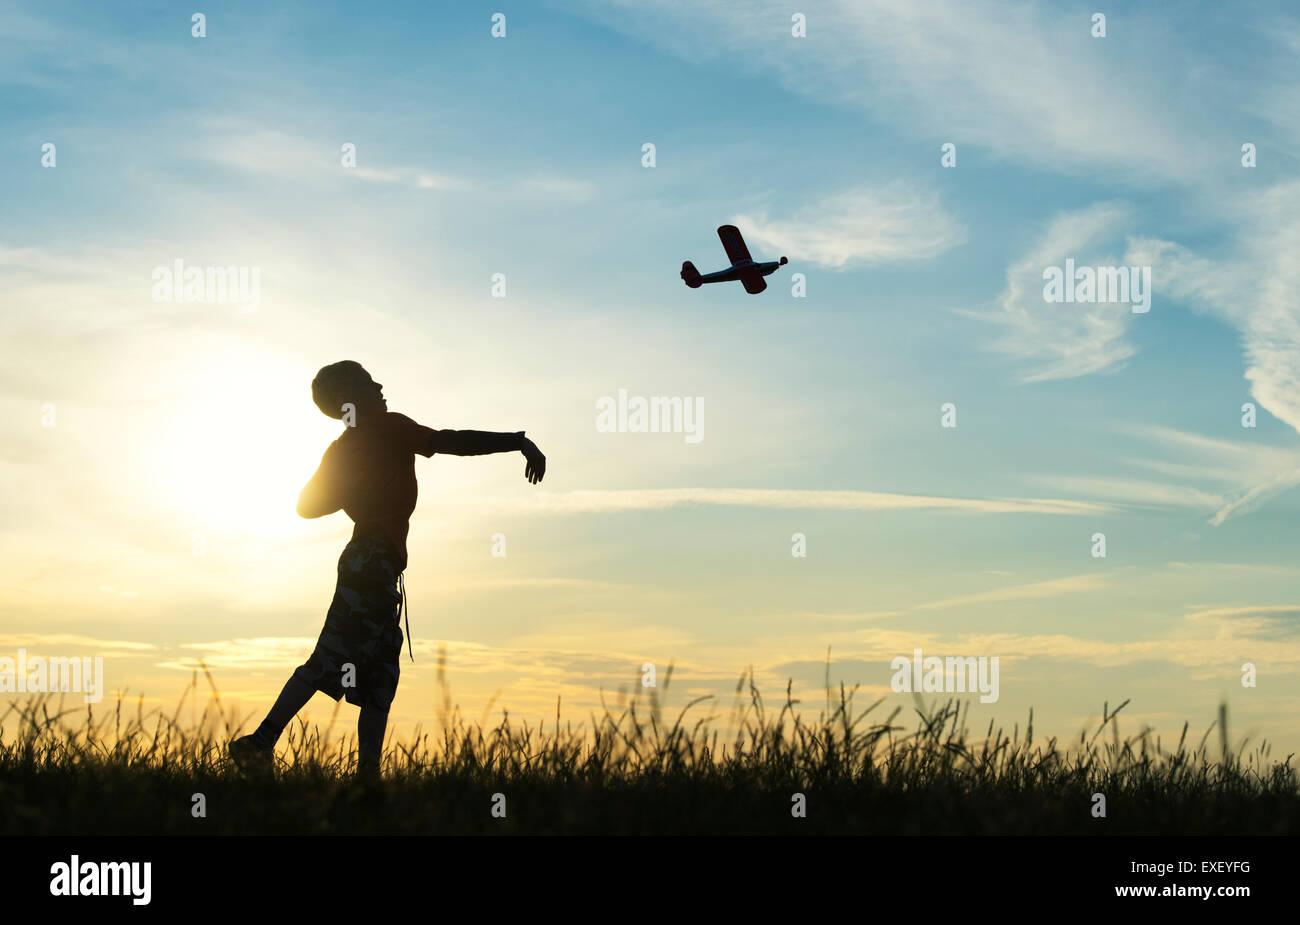 Chico lanzando un modelo de avión al atardecer. Silueta Imagen De Stock